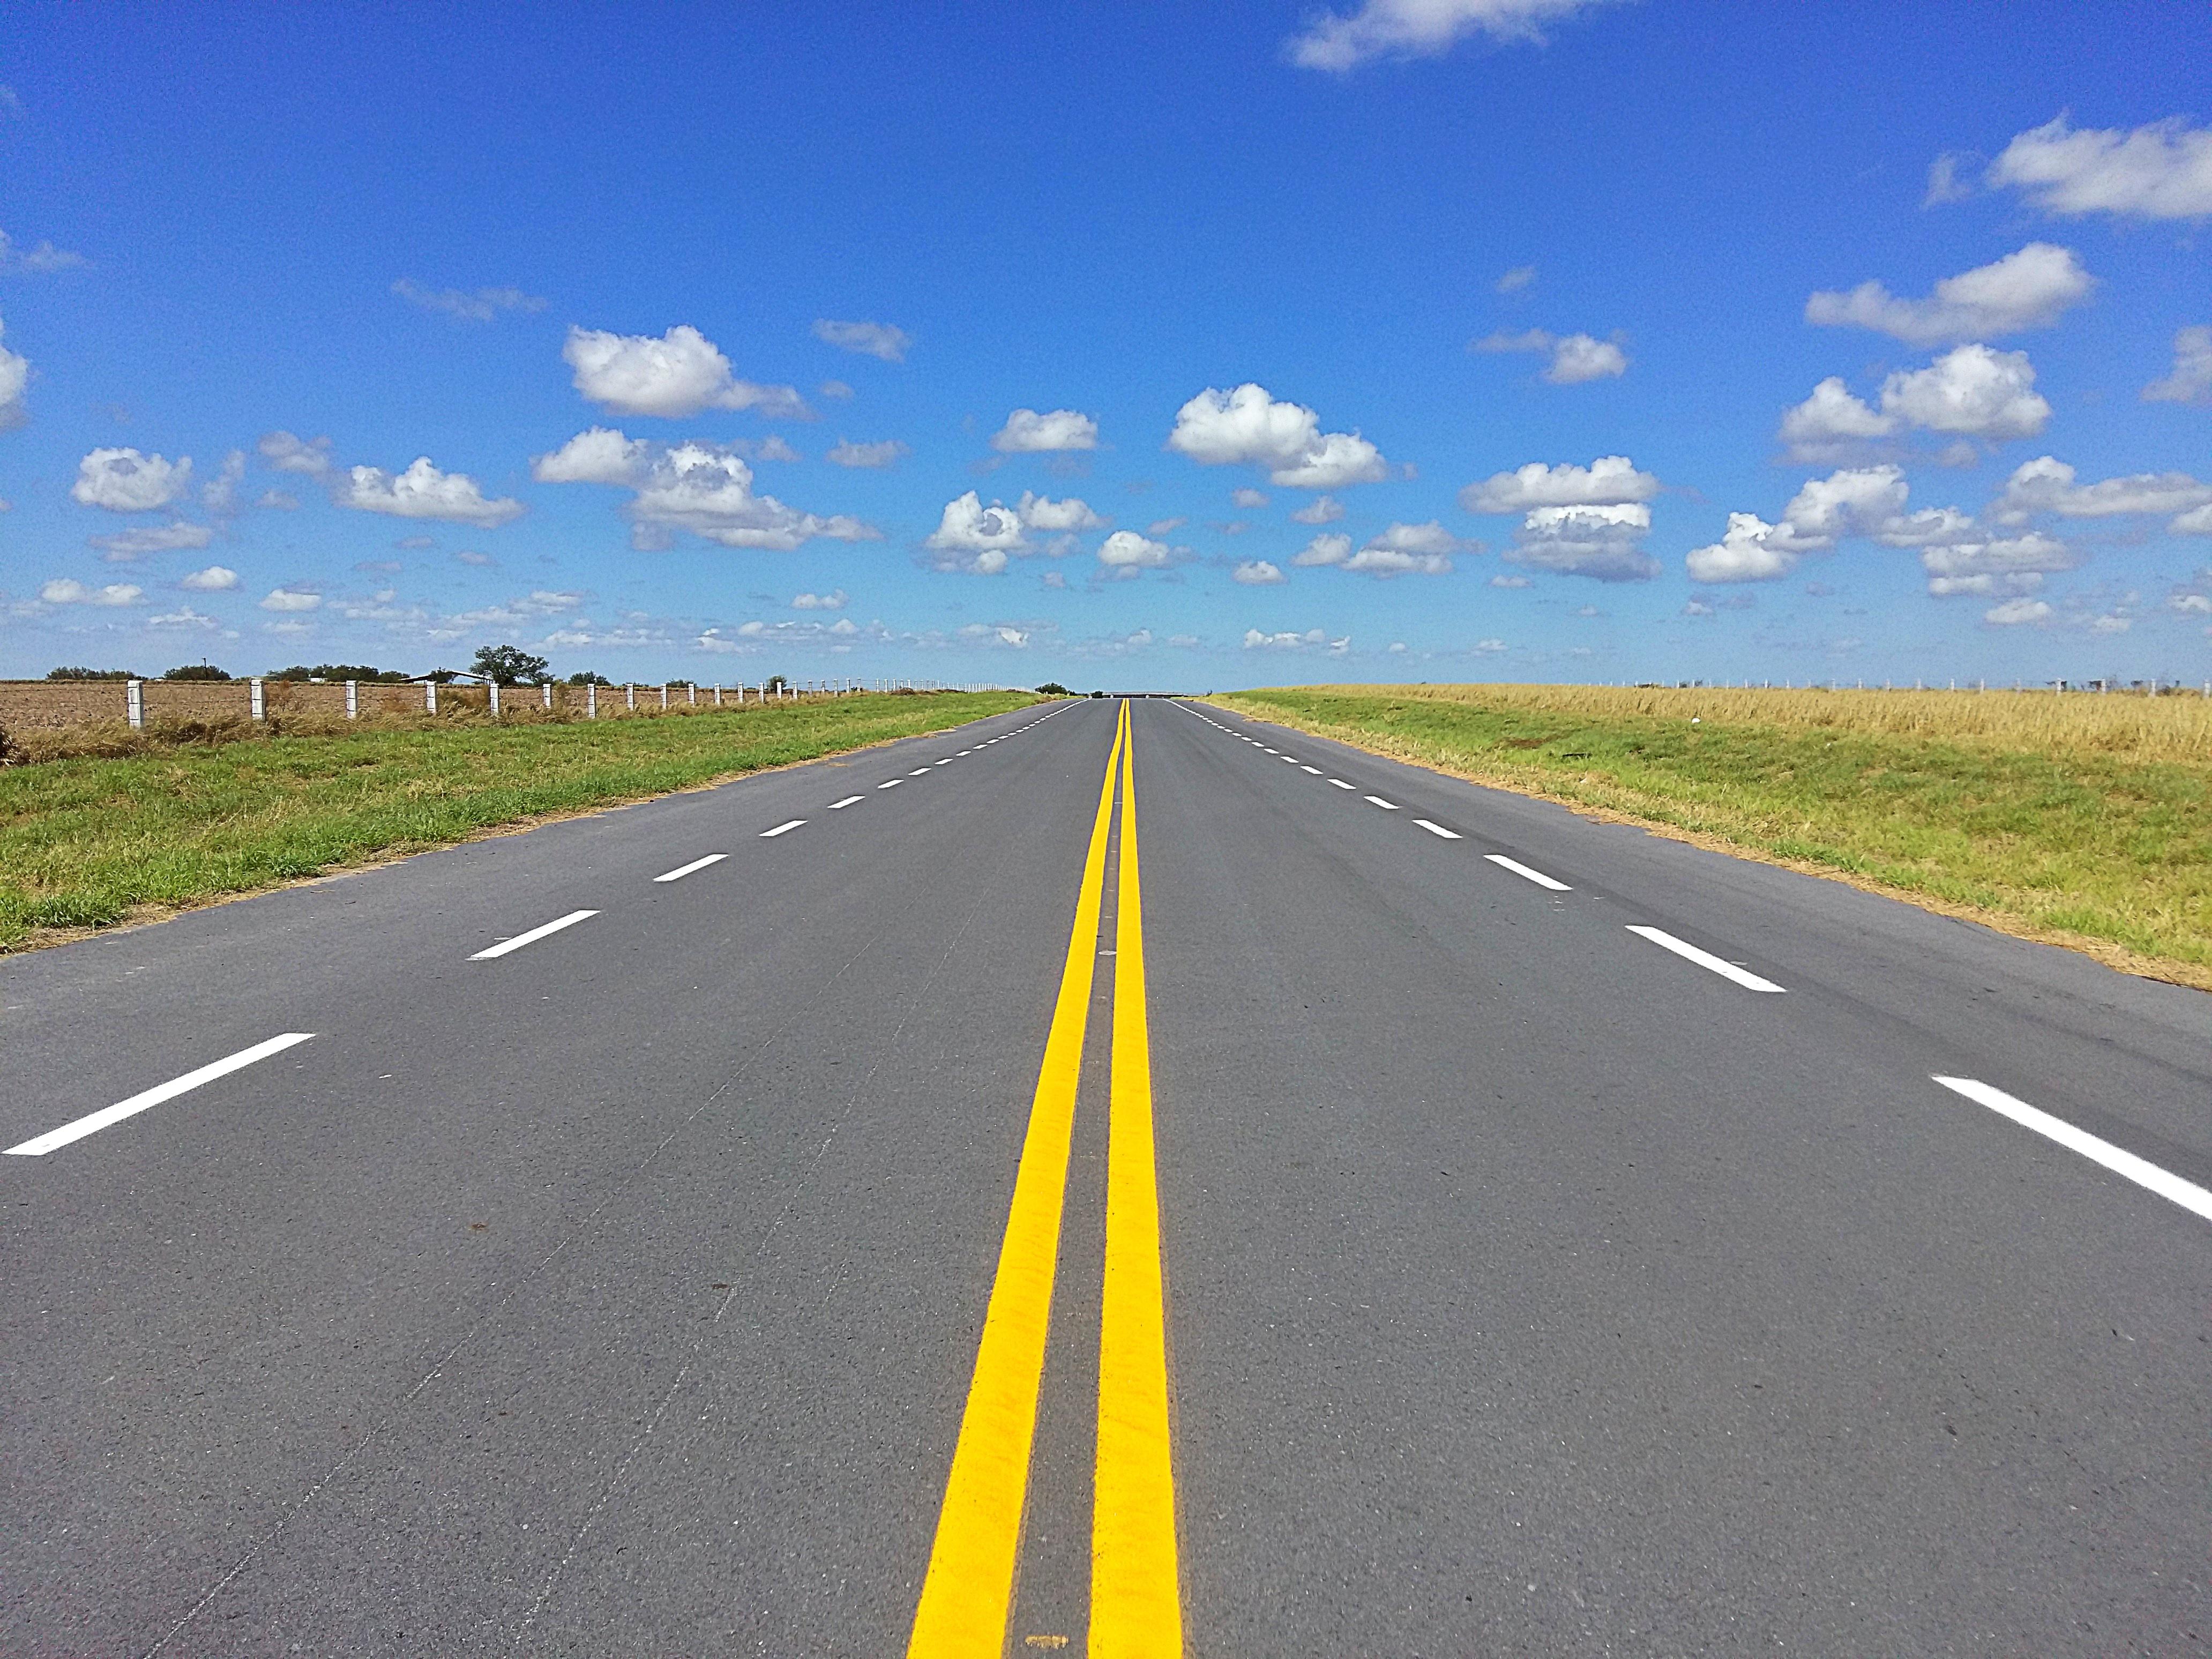 Gambar jalan raya menyetir aspal jalur bahu